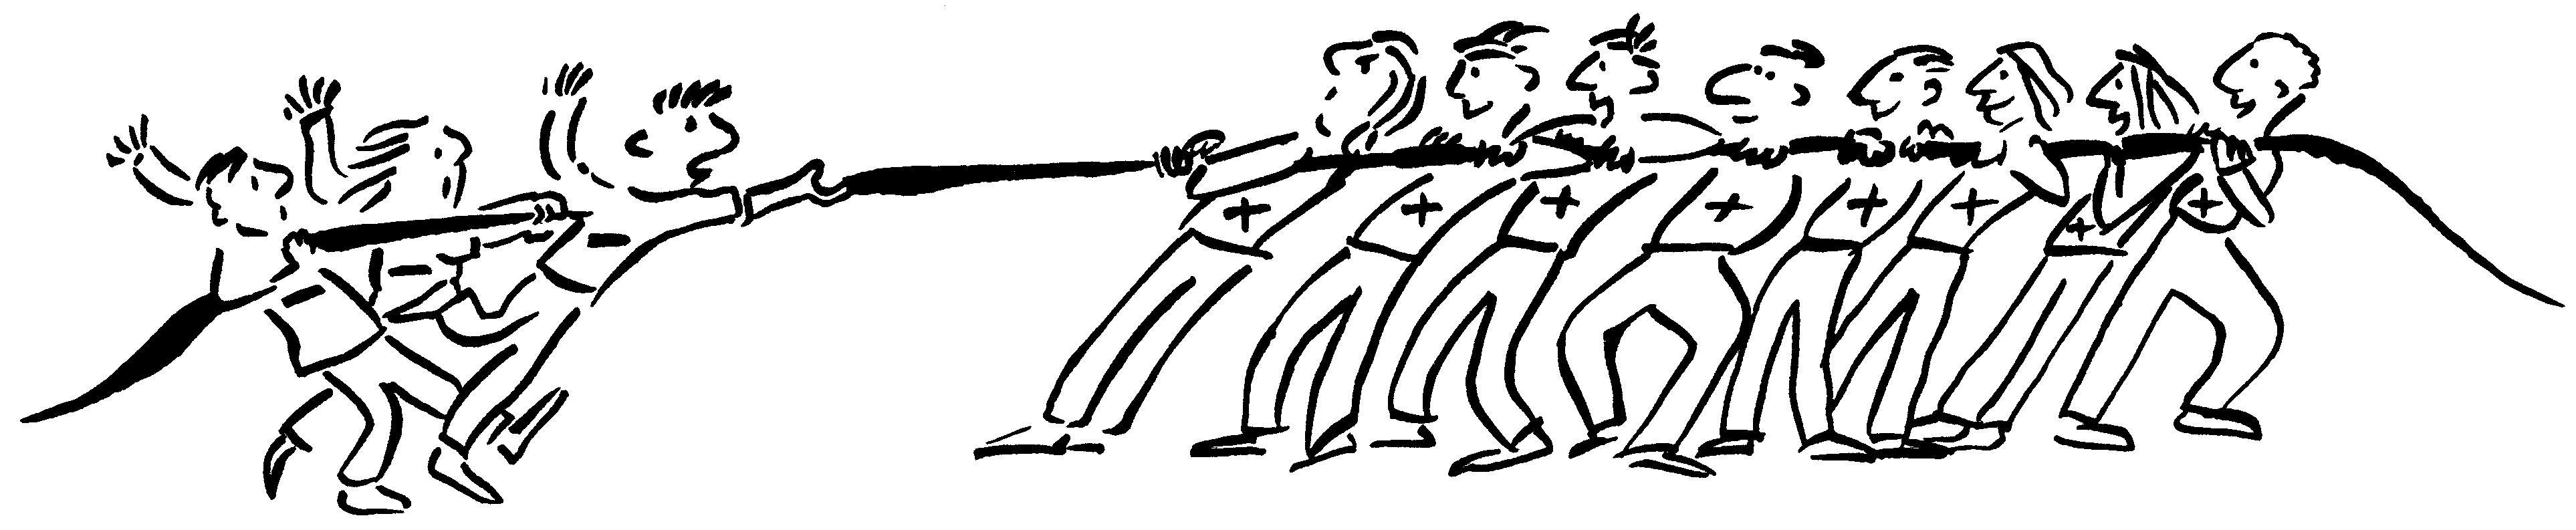 Integer Tug-Of-War - Faribaul